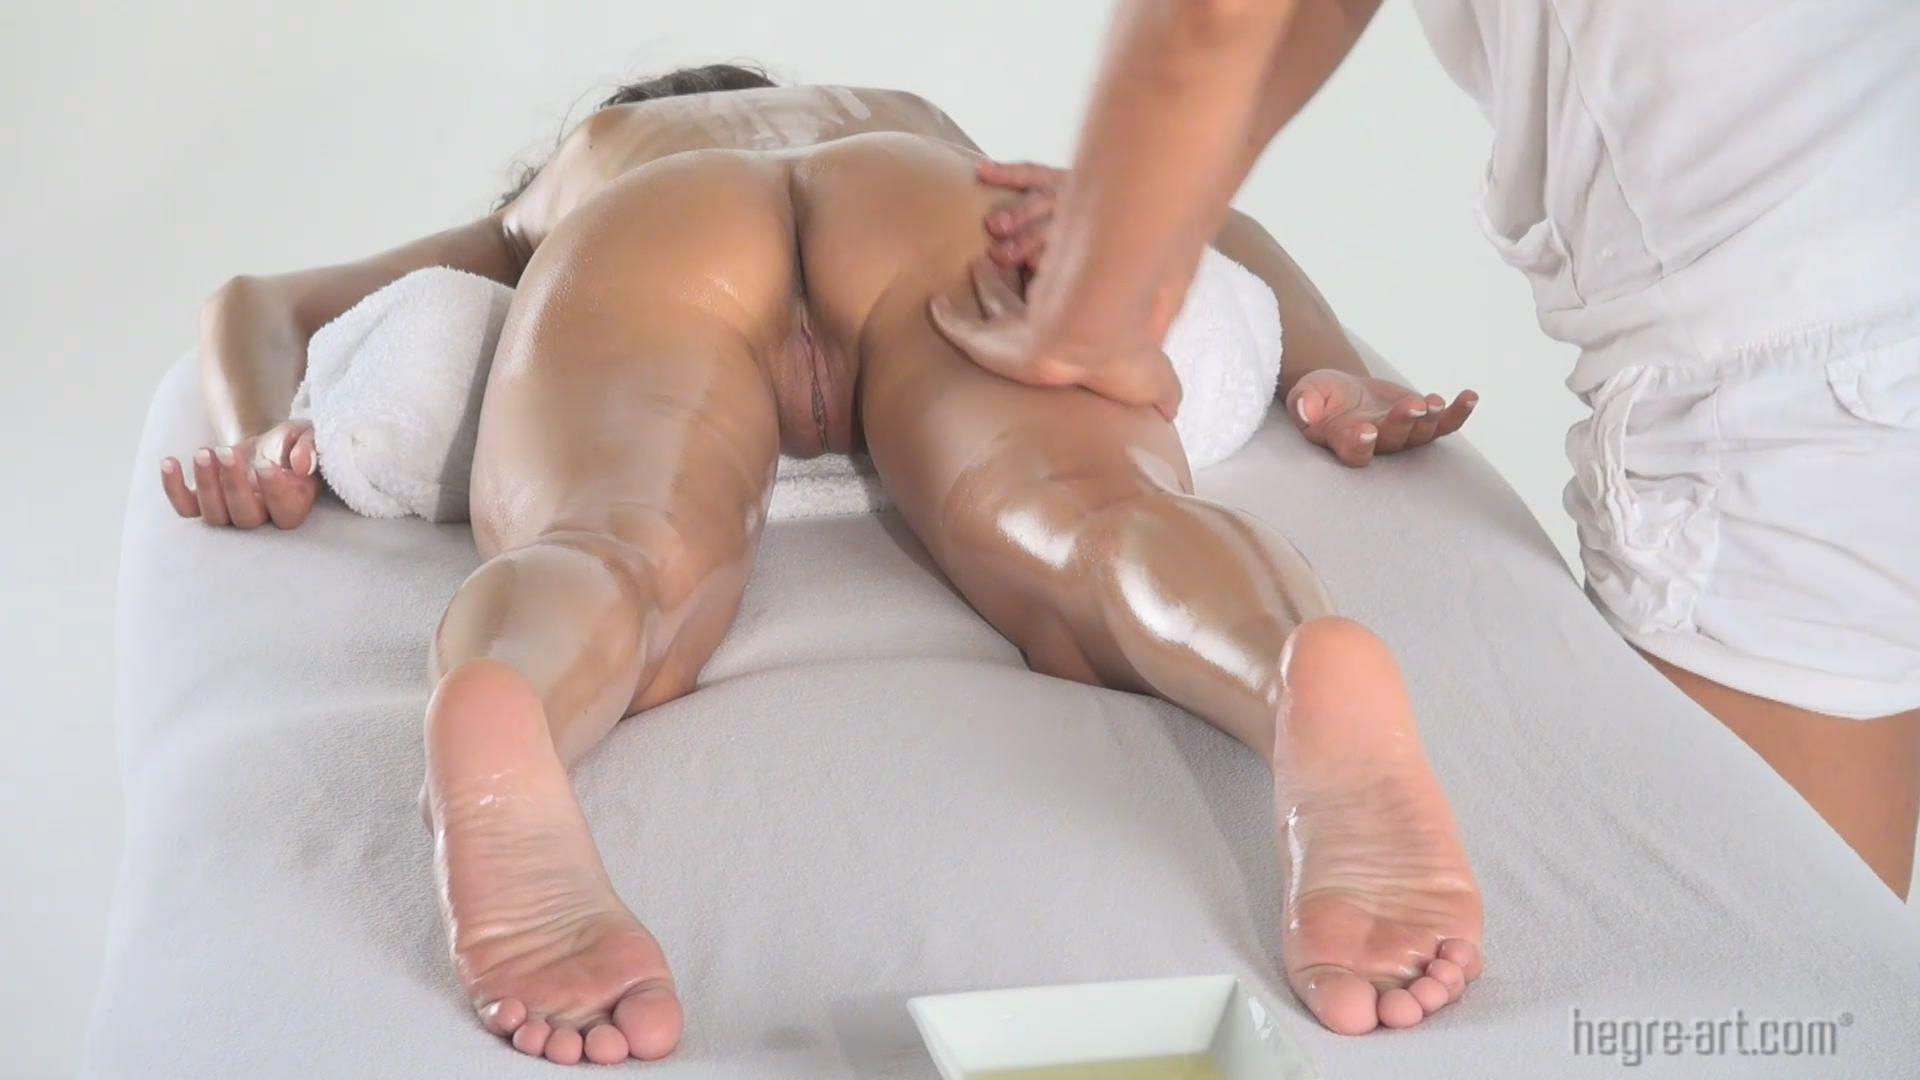 Тайский массаж порно в hd 23 фотография